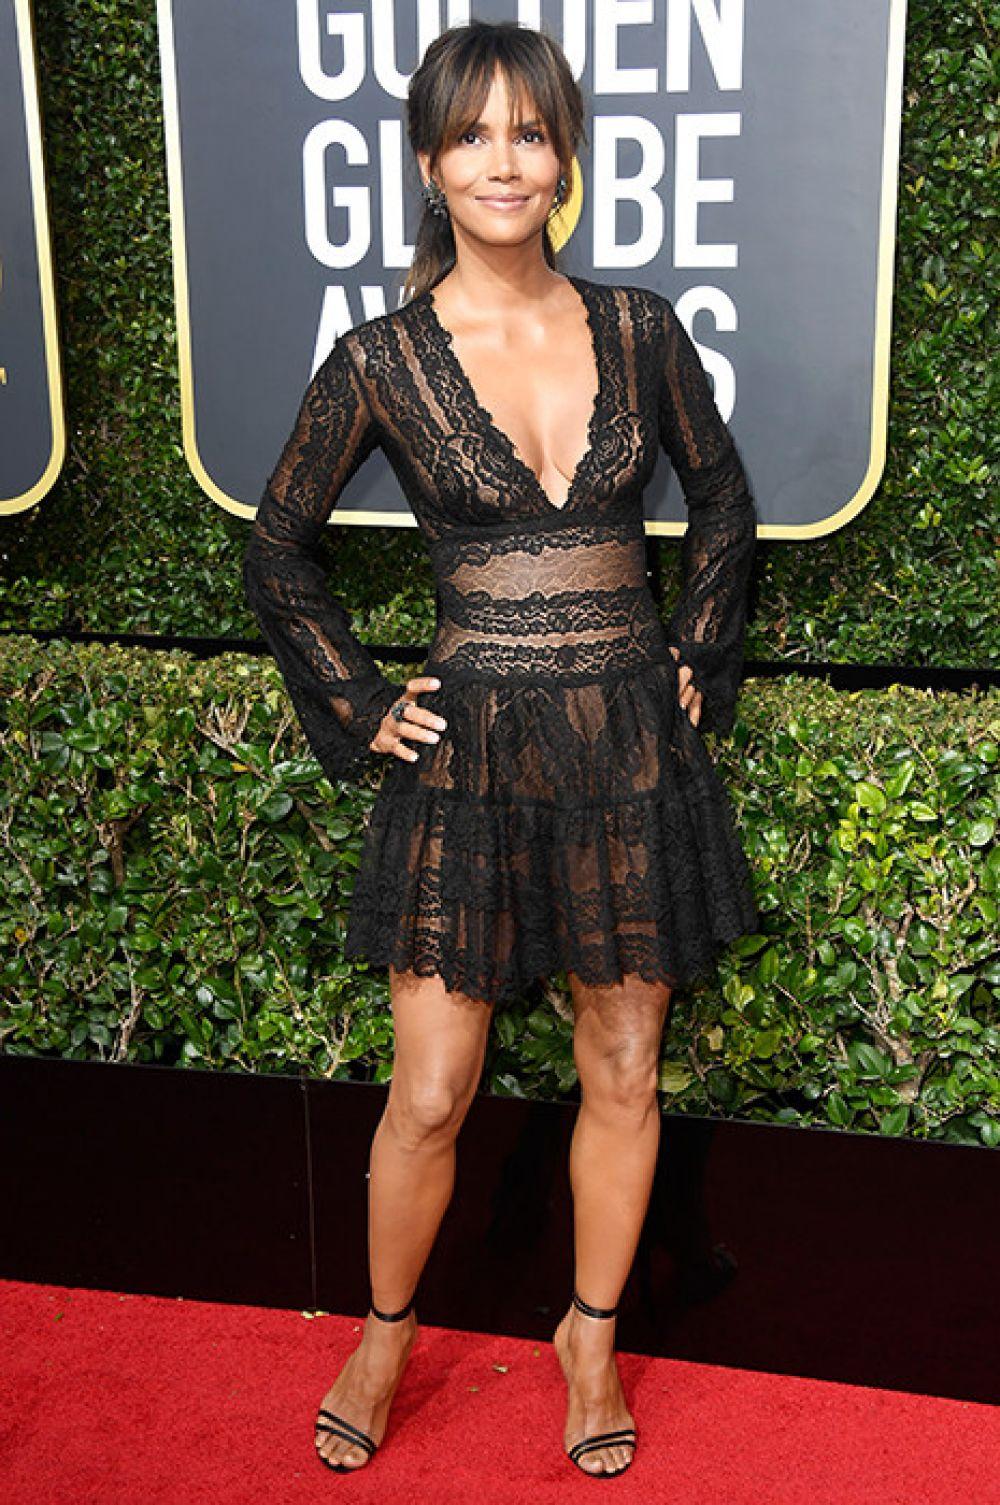 Холли Берри выбрала короткое ажурное платье, которое подчеркнуло все прелести актрисы.